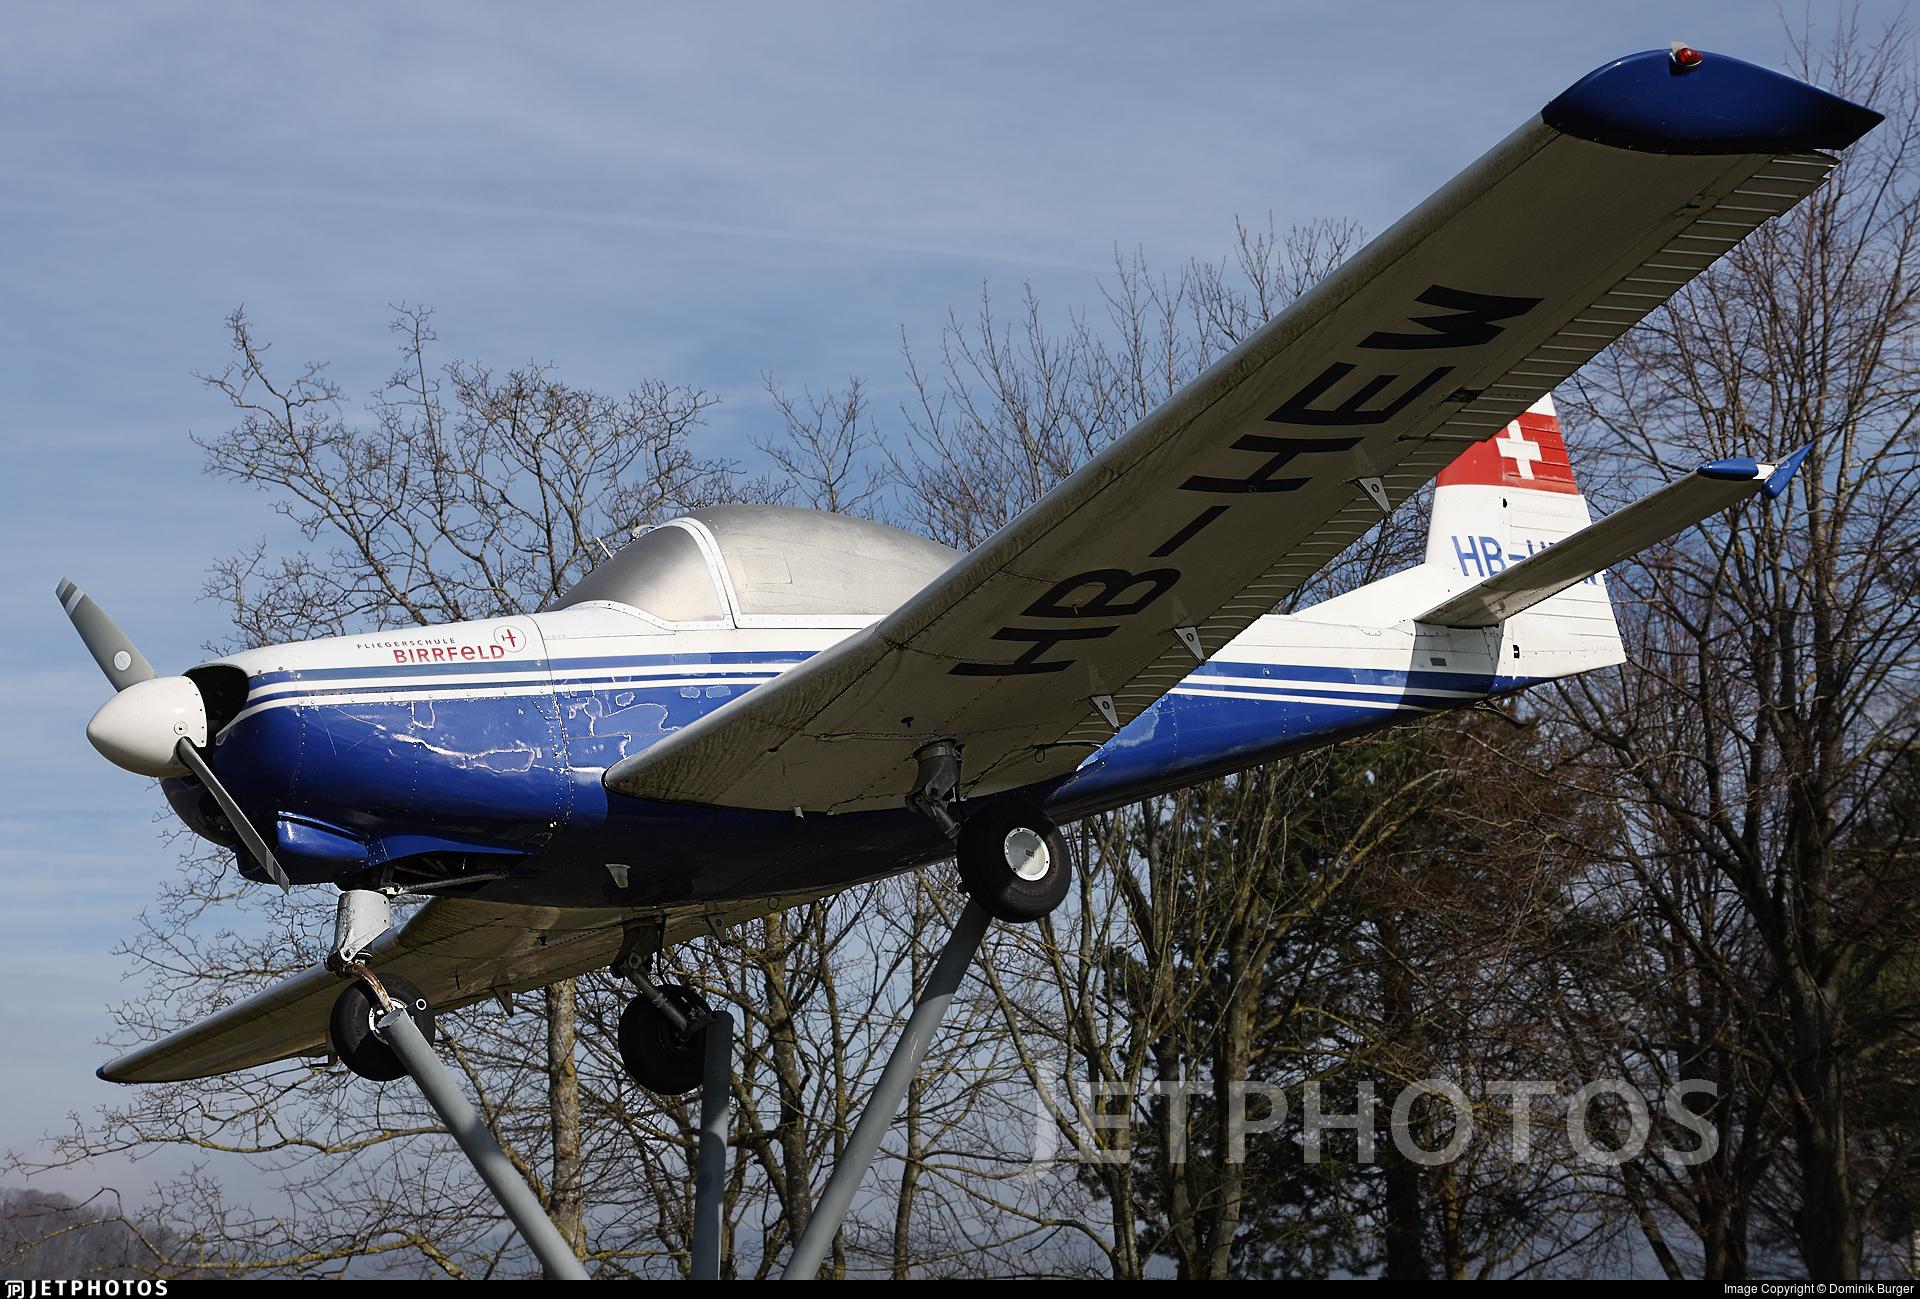 HB-HEW - FFA AS-202/15 Bravo - Fliegerschule Birrfeld